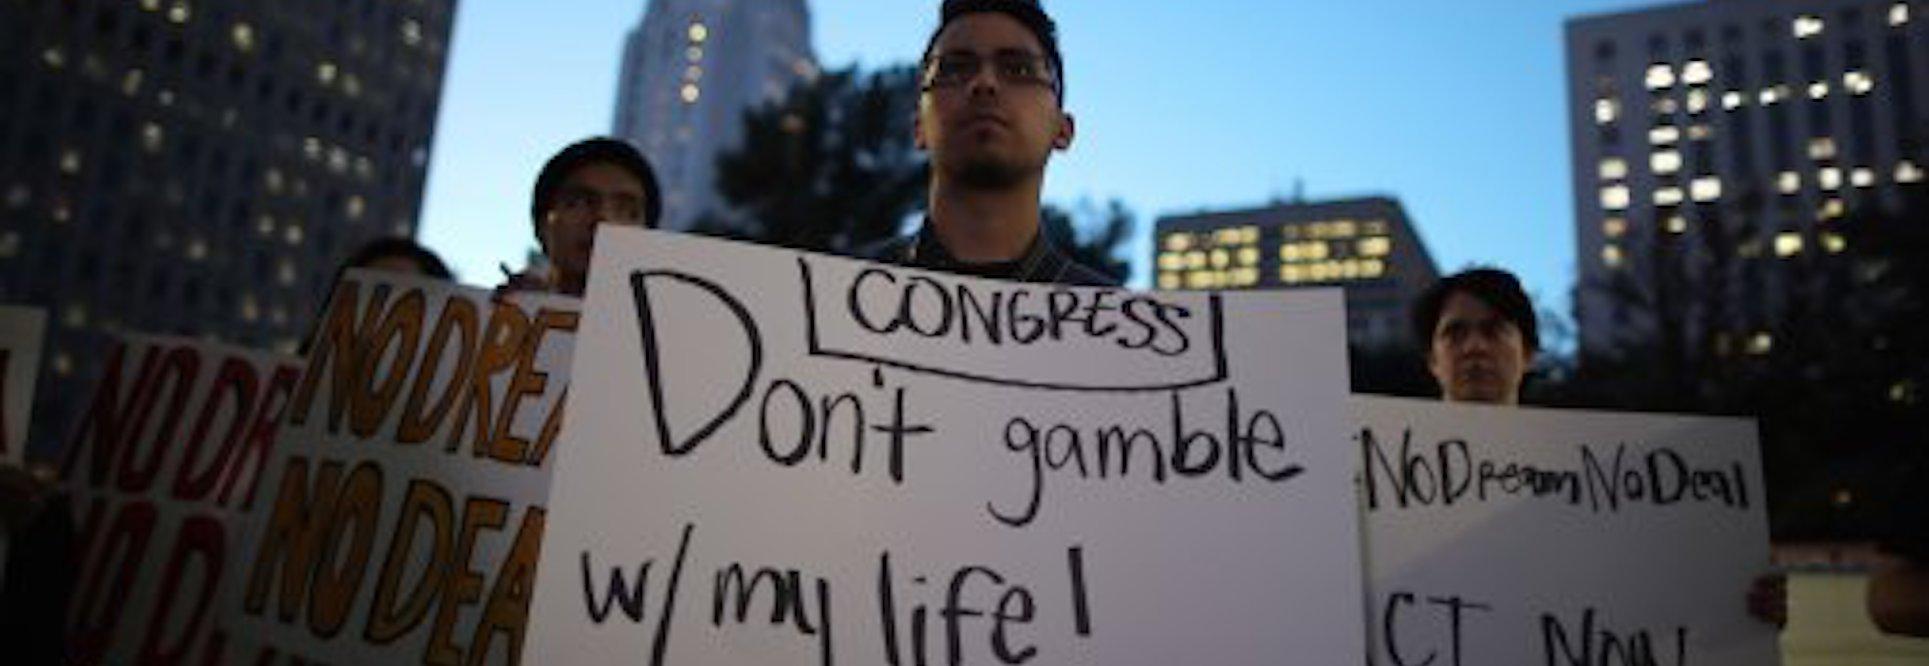 A Congress at a snail's pace